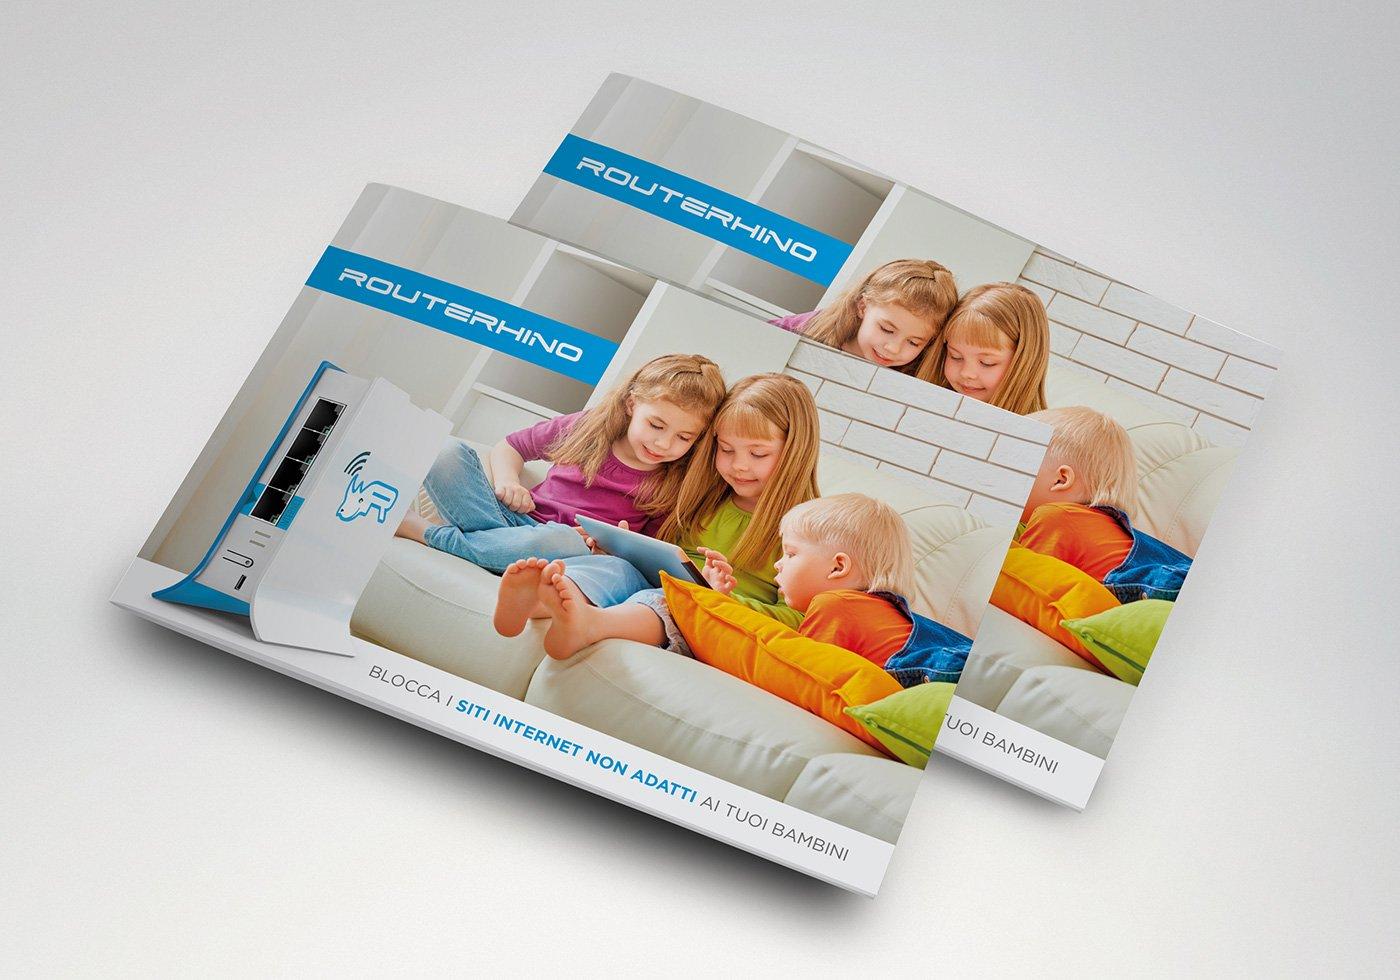 brochure presentazione prodotto